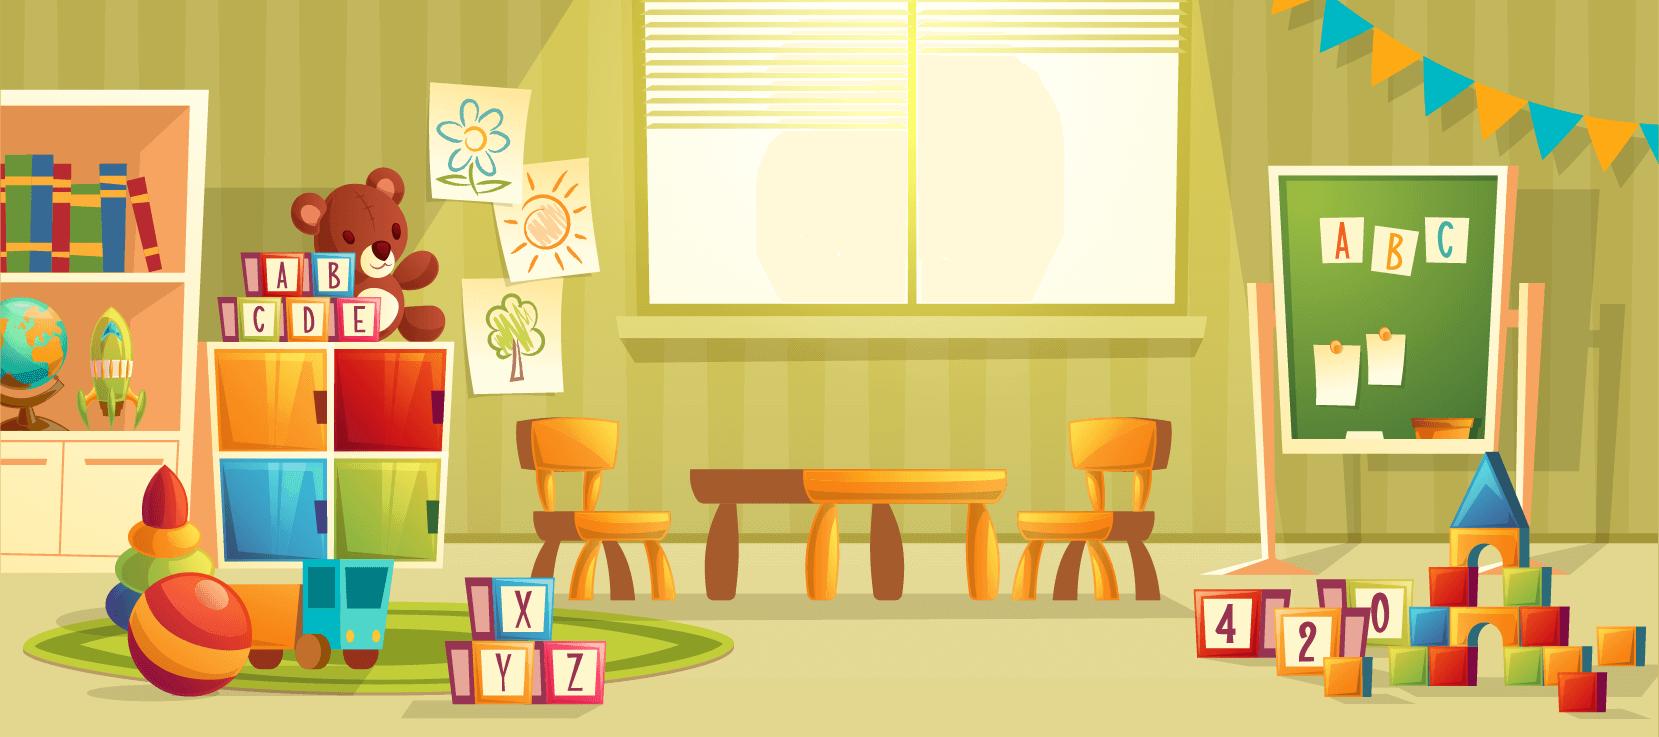 kindergarten class room